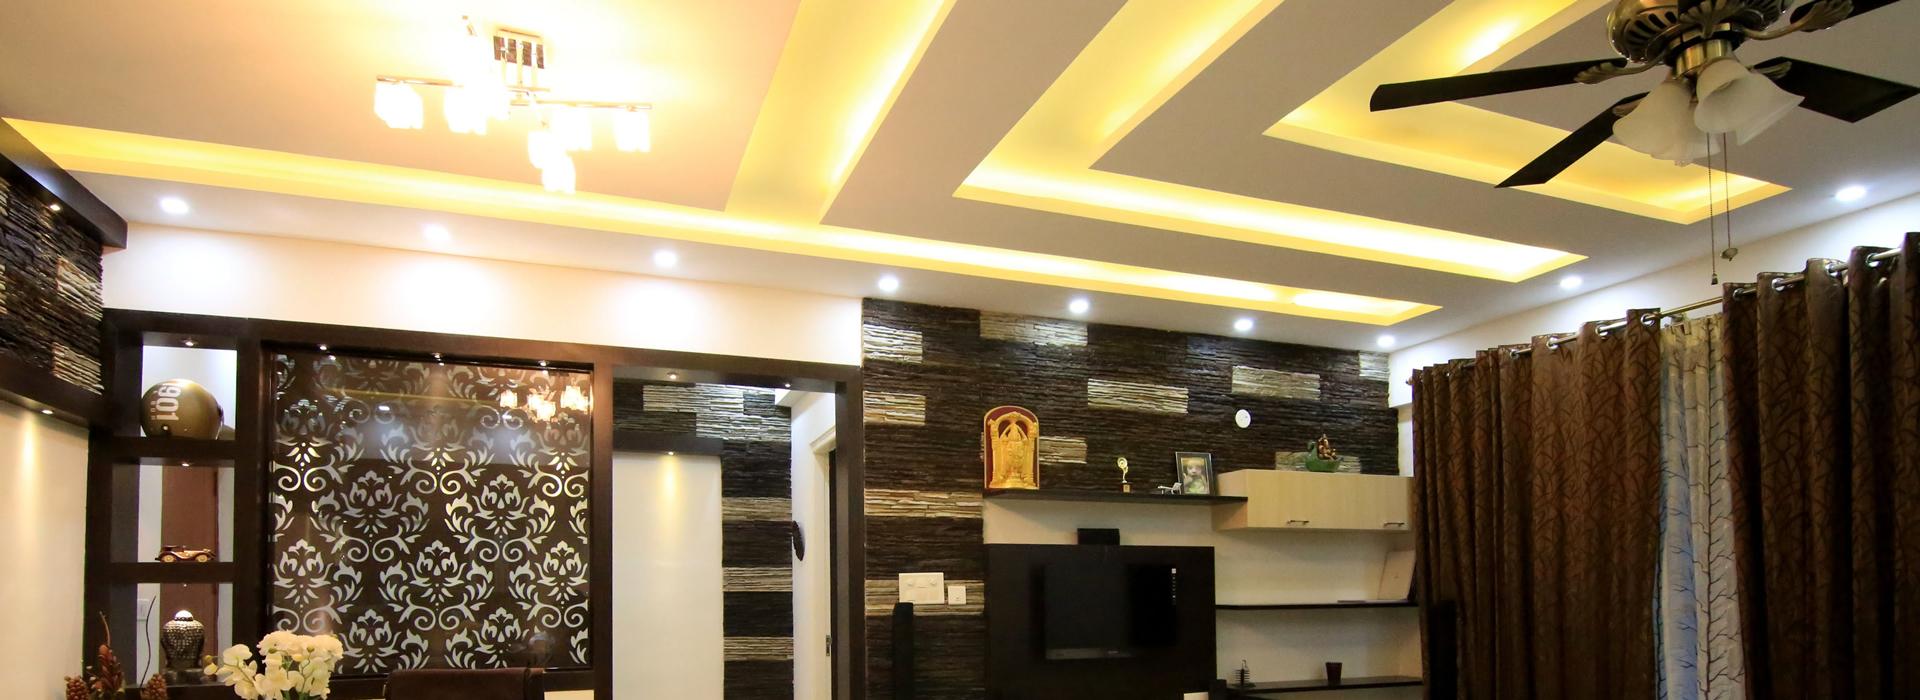 Gypsum False Ceiling Dealers In Coimbatore Rj Ceiling